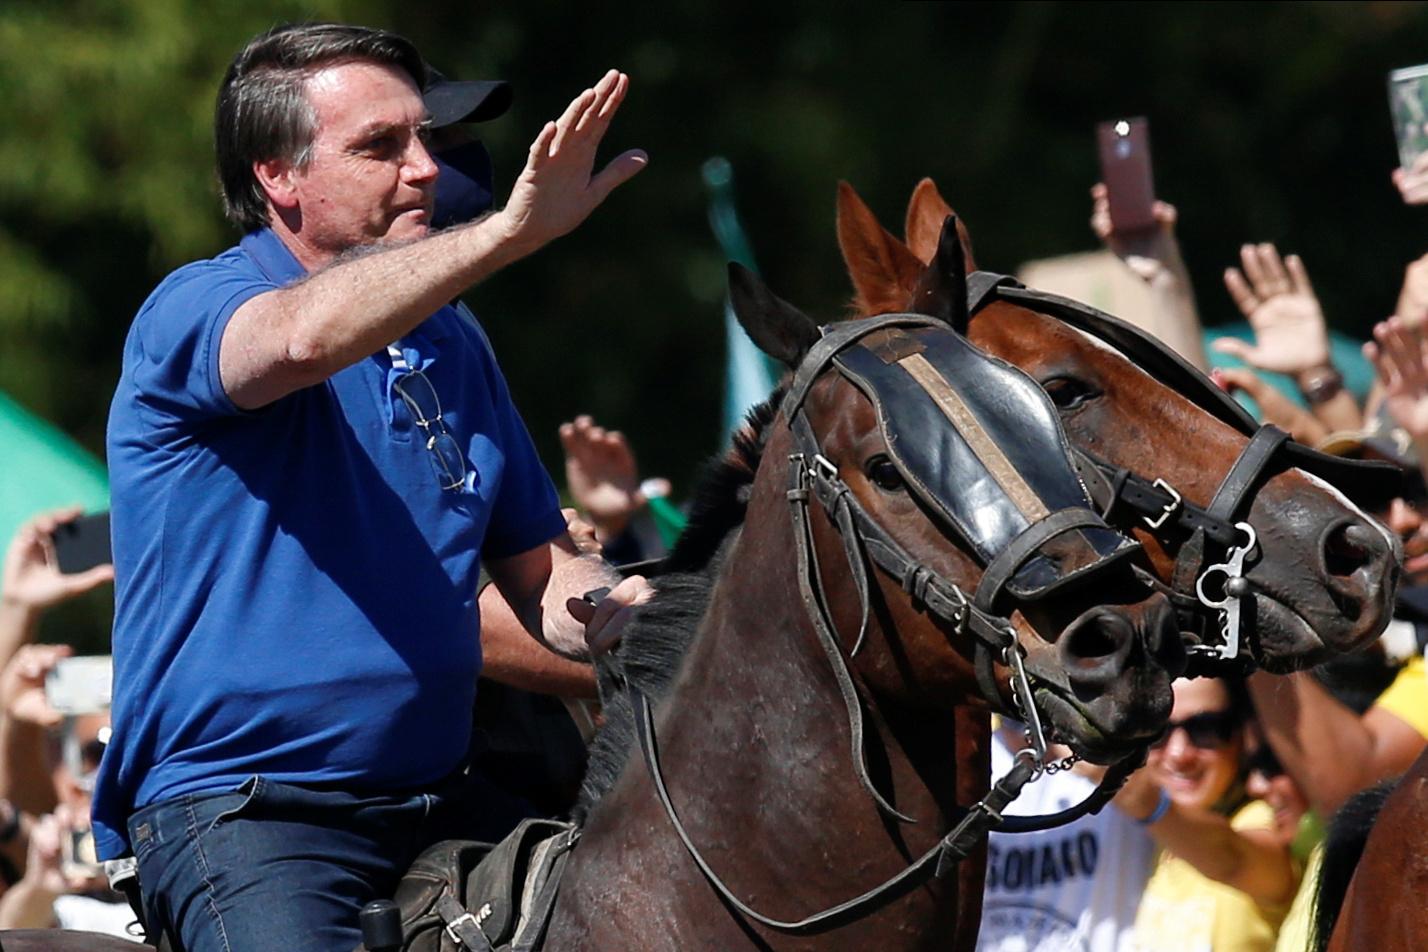 El presidente de Brasil, Jair Bolsonaro, monta a caballo y saluda a sus simpatizantes, en una manifestación en su favor en Brasilia. REUTERS/Ueslei Marcelino